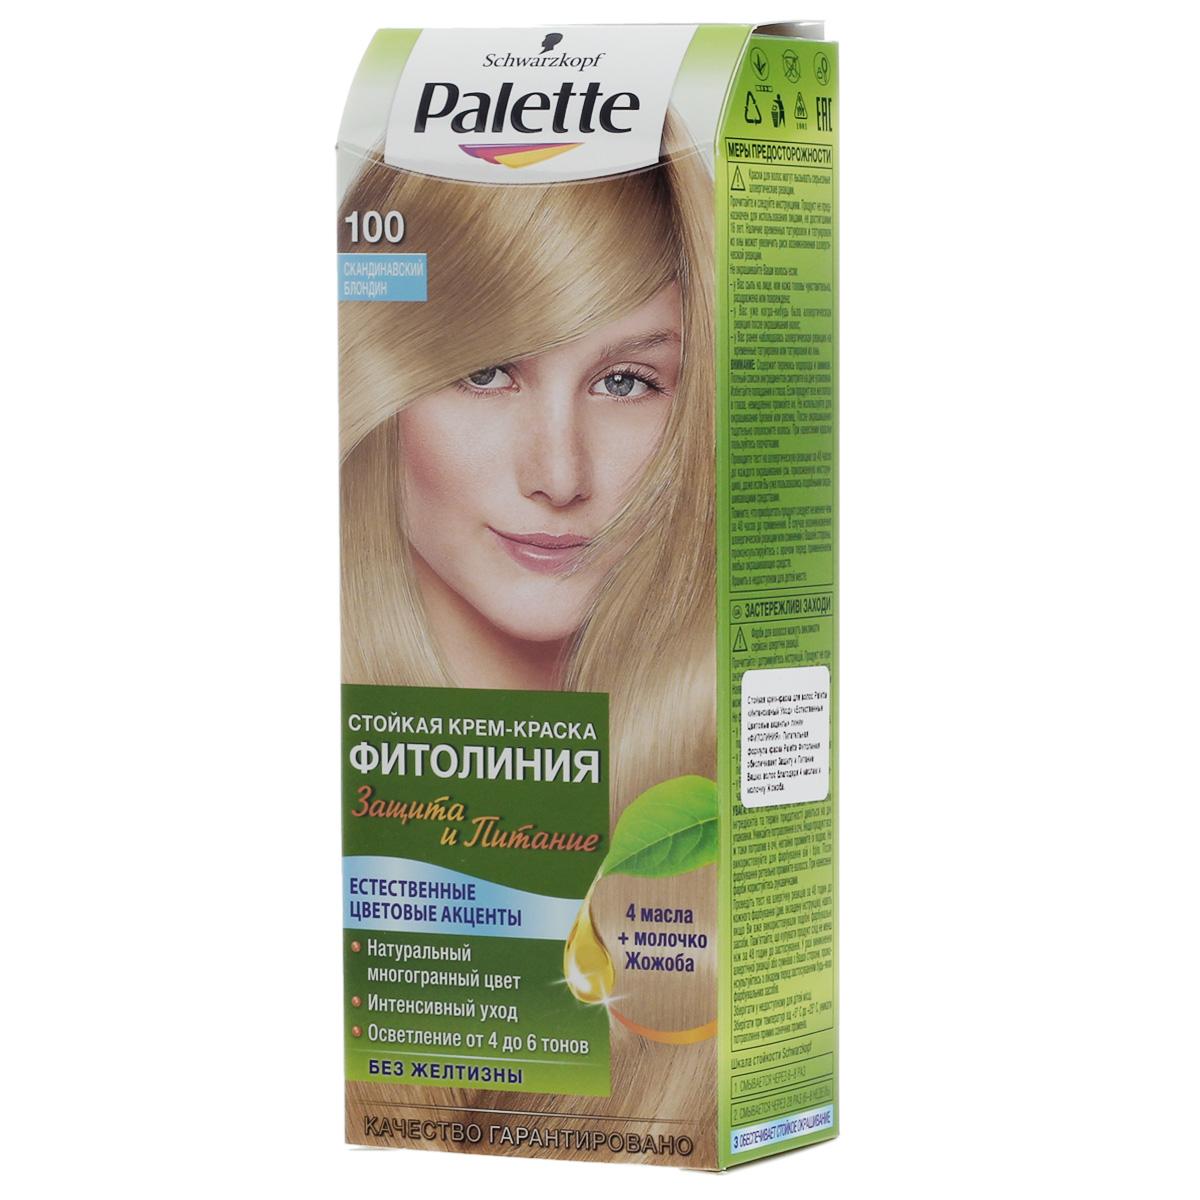 PALETTE Краска для волос ФИТОЛИНИЯ оттенок 100 Скандинавский блондин, 110 мл9352505Откройте для себя больше ухода для более интенсивного цвета: новая питающая крем-краска Palette Фитолиния, обогащенная 4 маслами и молочком Жожоба. Насладитесь невероятно мягкими и сияющими волосами, полными естественного сияния цвета и стойкой интенсивности. Питательная формула обеспечивает надежную защиту во время и после окрашивания и поразительно глубокий уход. А интенсивные красящие пигменты отвечают за насыщенный и стойкий результат на ваших волосах. Побалуйте себя широким выбором натуральных оттенков, ведь палитра Palette Фитолиния предлагает оригинальную подборку оттенков для создания естественных цветовых акцентов и глубокого многогранного цвета.